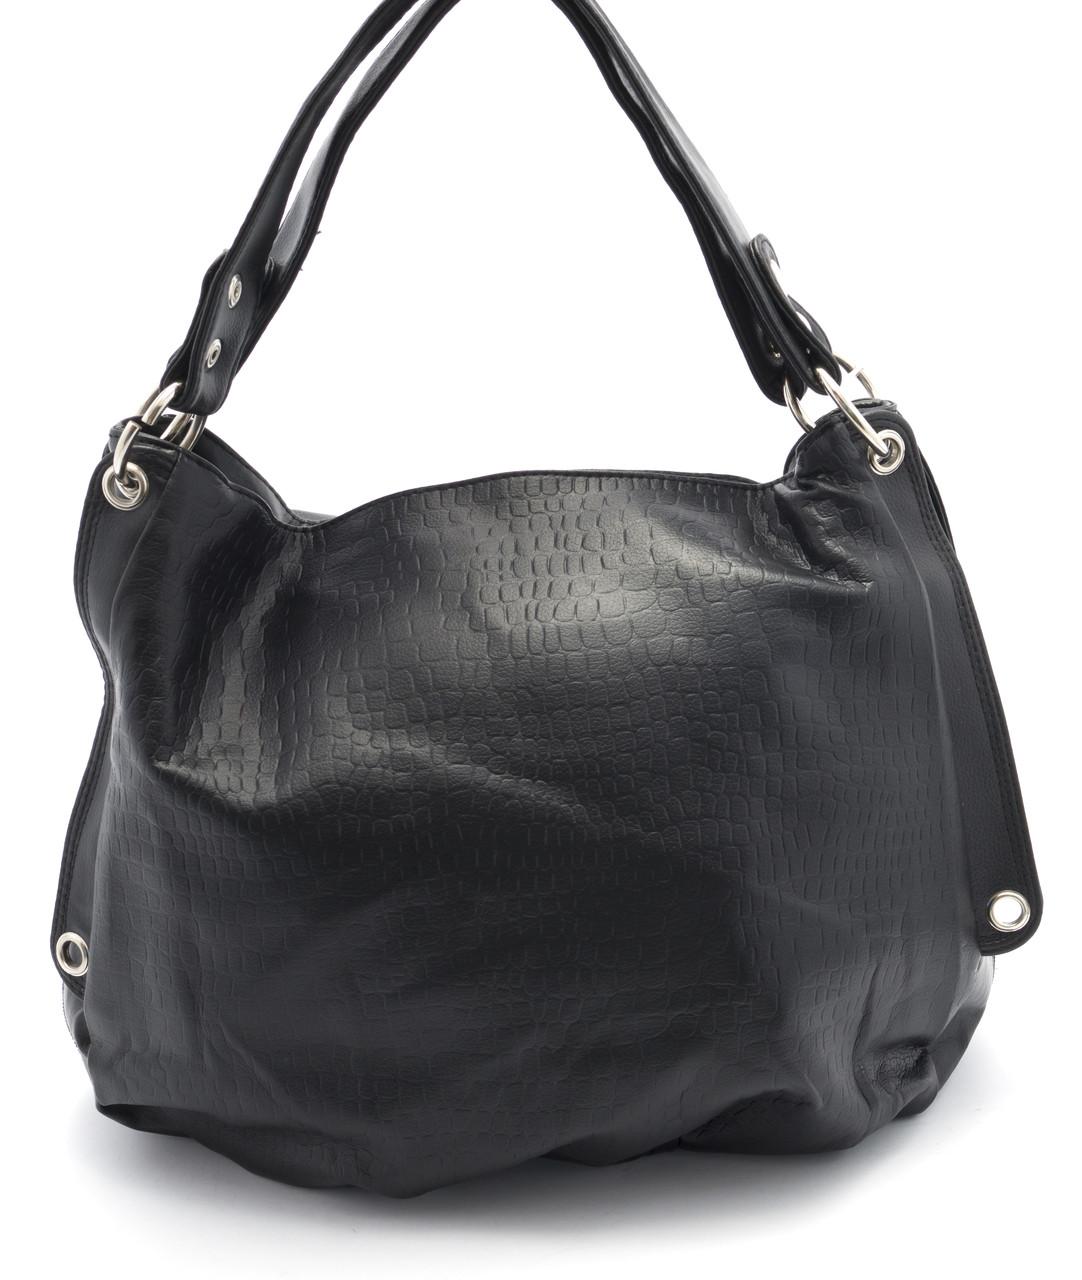 Вместительная и практичная женская сумка  Б/Н art. 11805 черный цвет